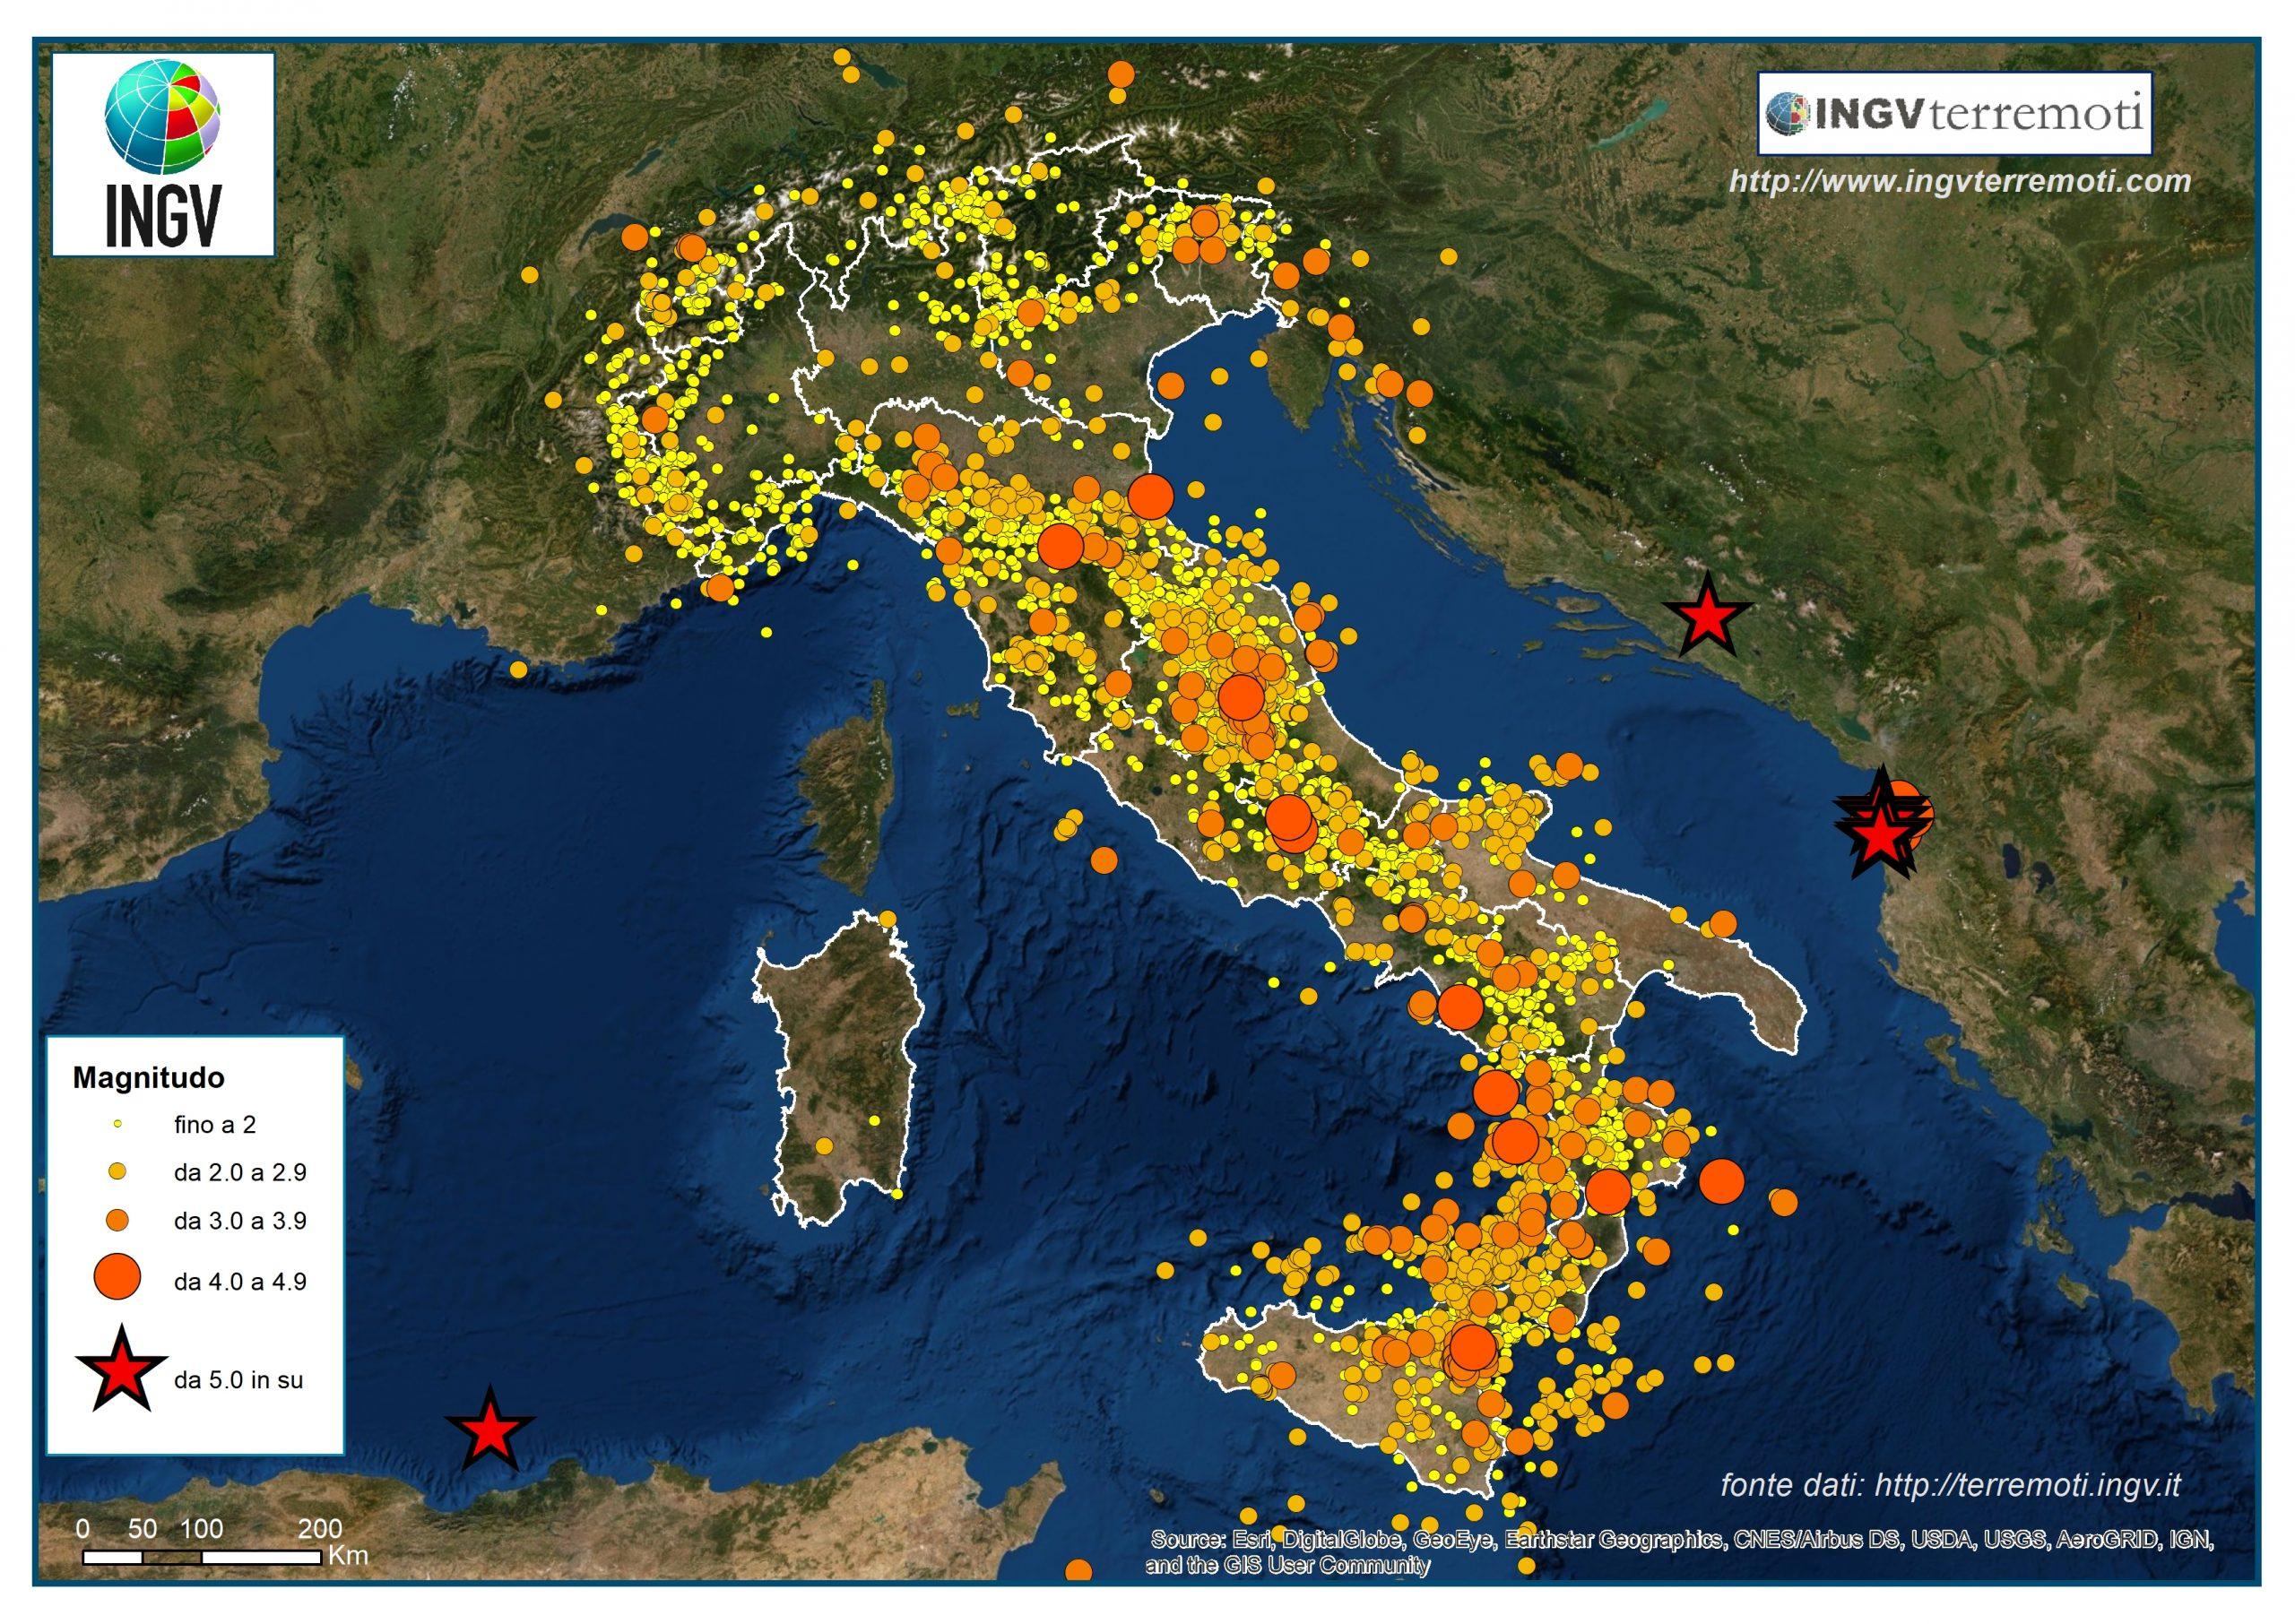 carte di rischio sismico, fonte: Istituto Nazionale di Geofisica e Vulcanologia